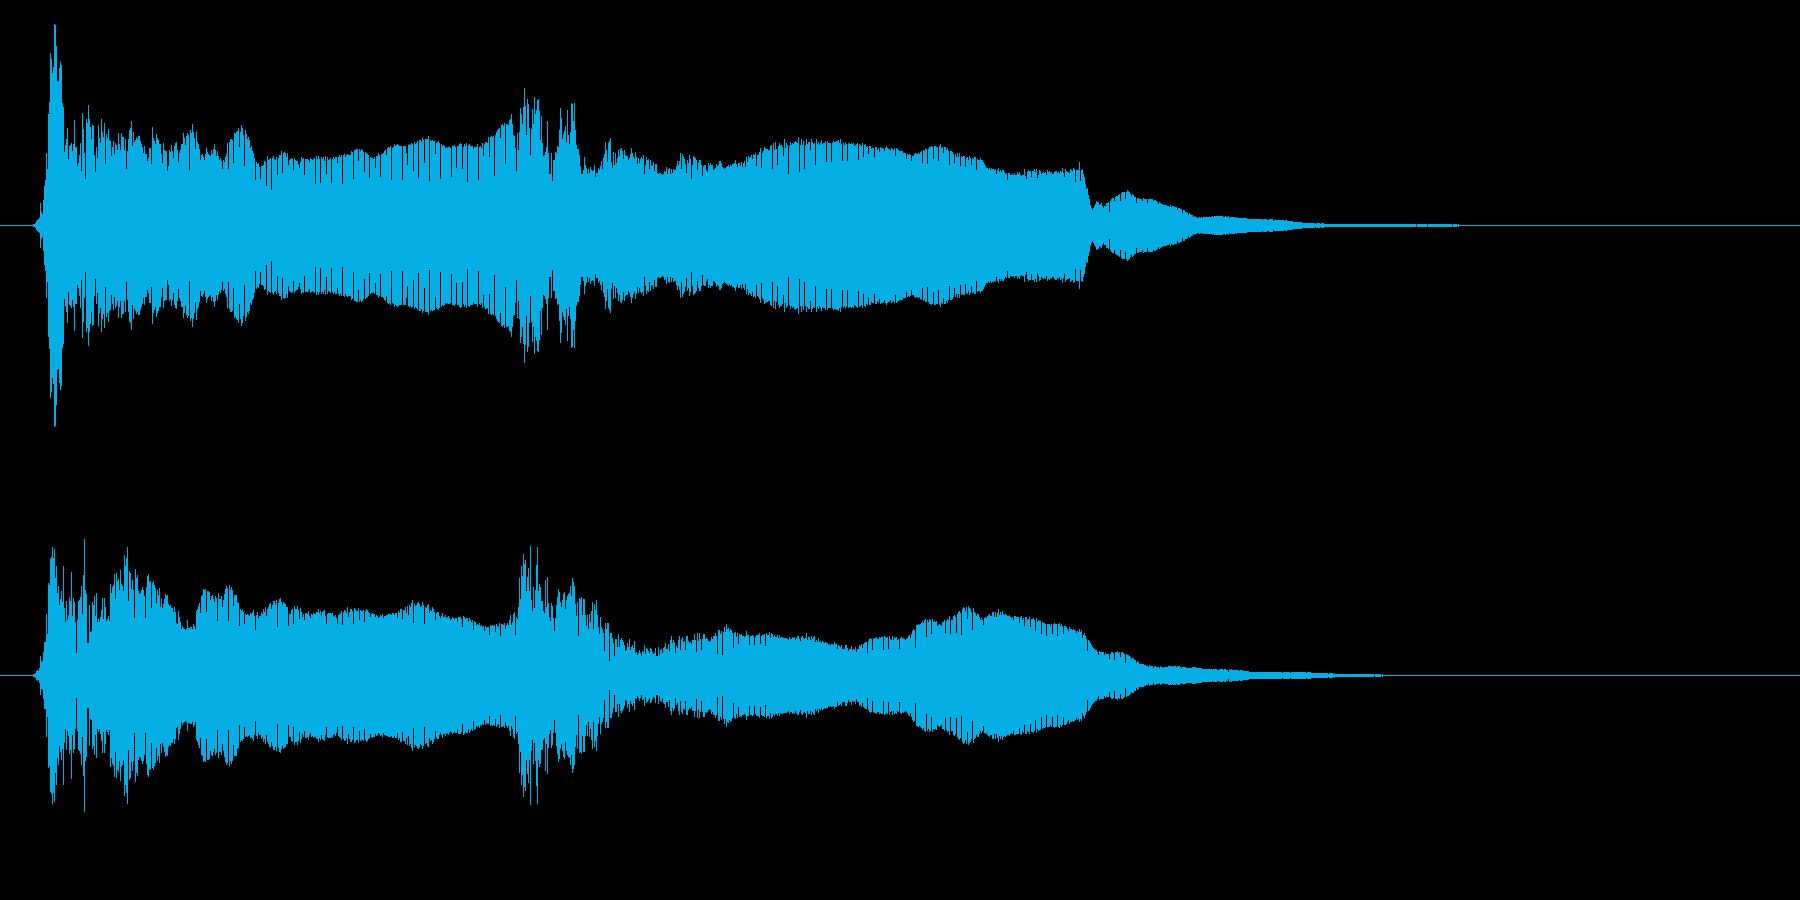 法螺貝01-1の再生済みの波形